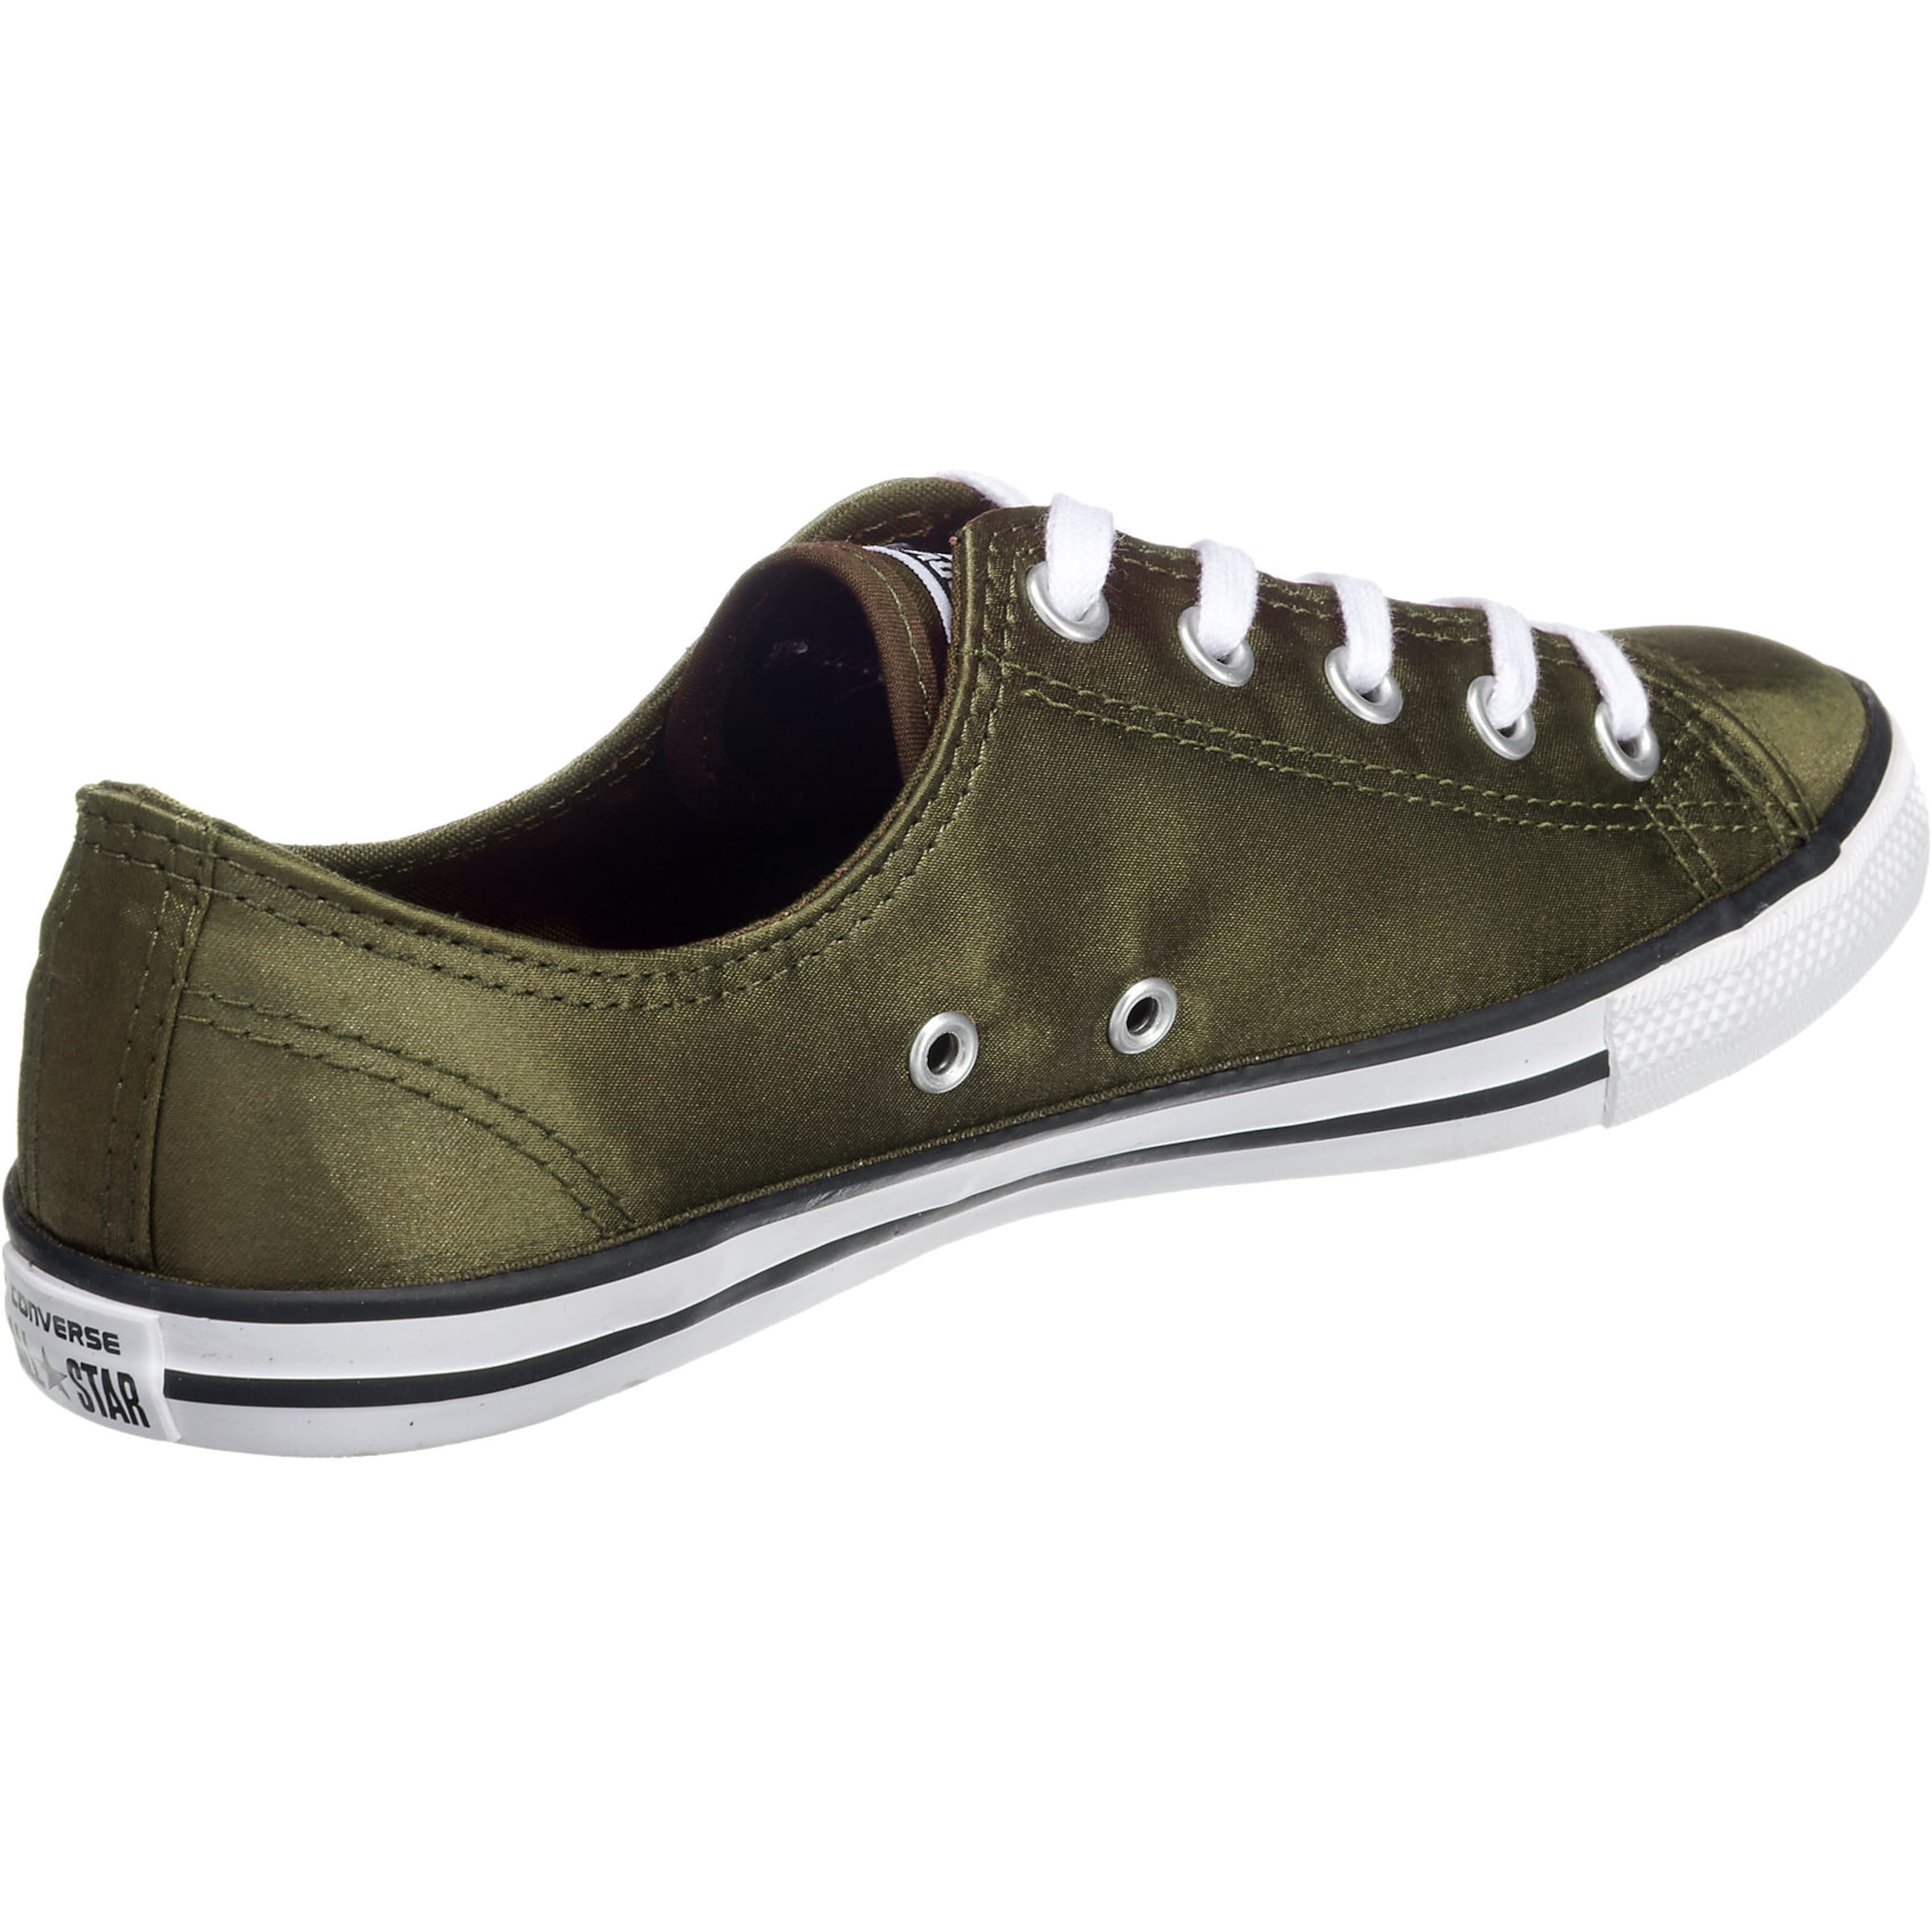 CONVERSE 'Chuck Taylor All Star Dainty Ox' Sneakers Billig Verkauf Neue Stile Sat Beeile Dich Rabatte Verkauf Online gh3dzGTbjw